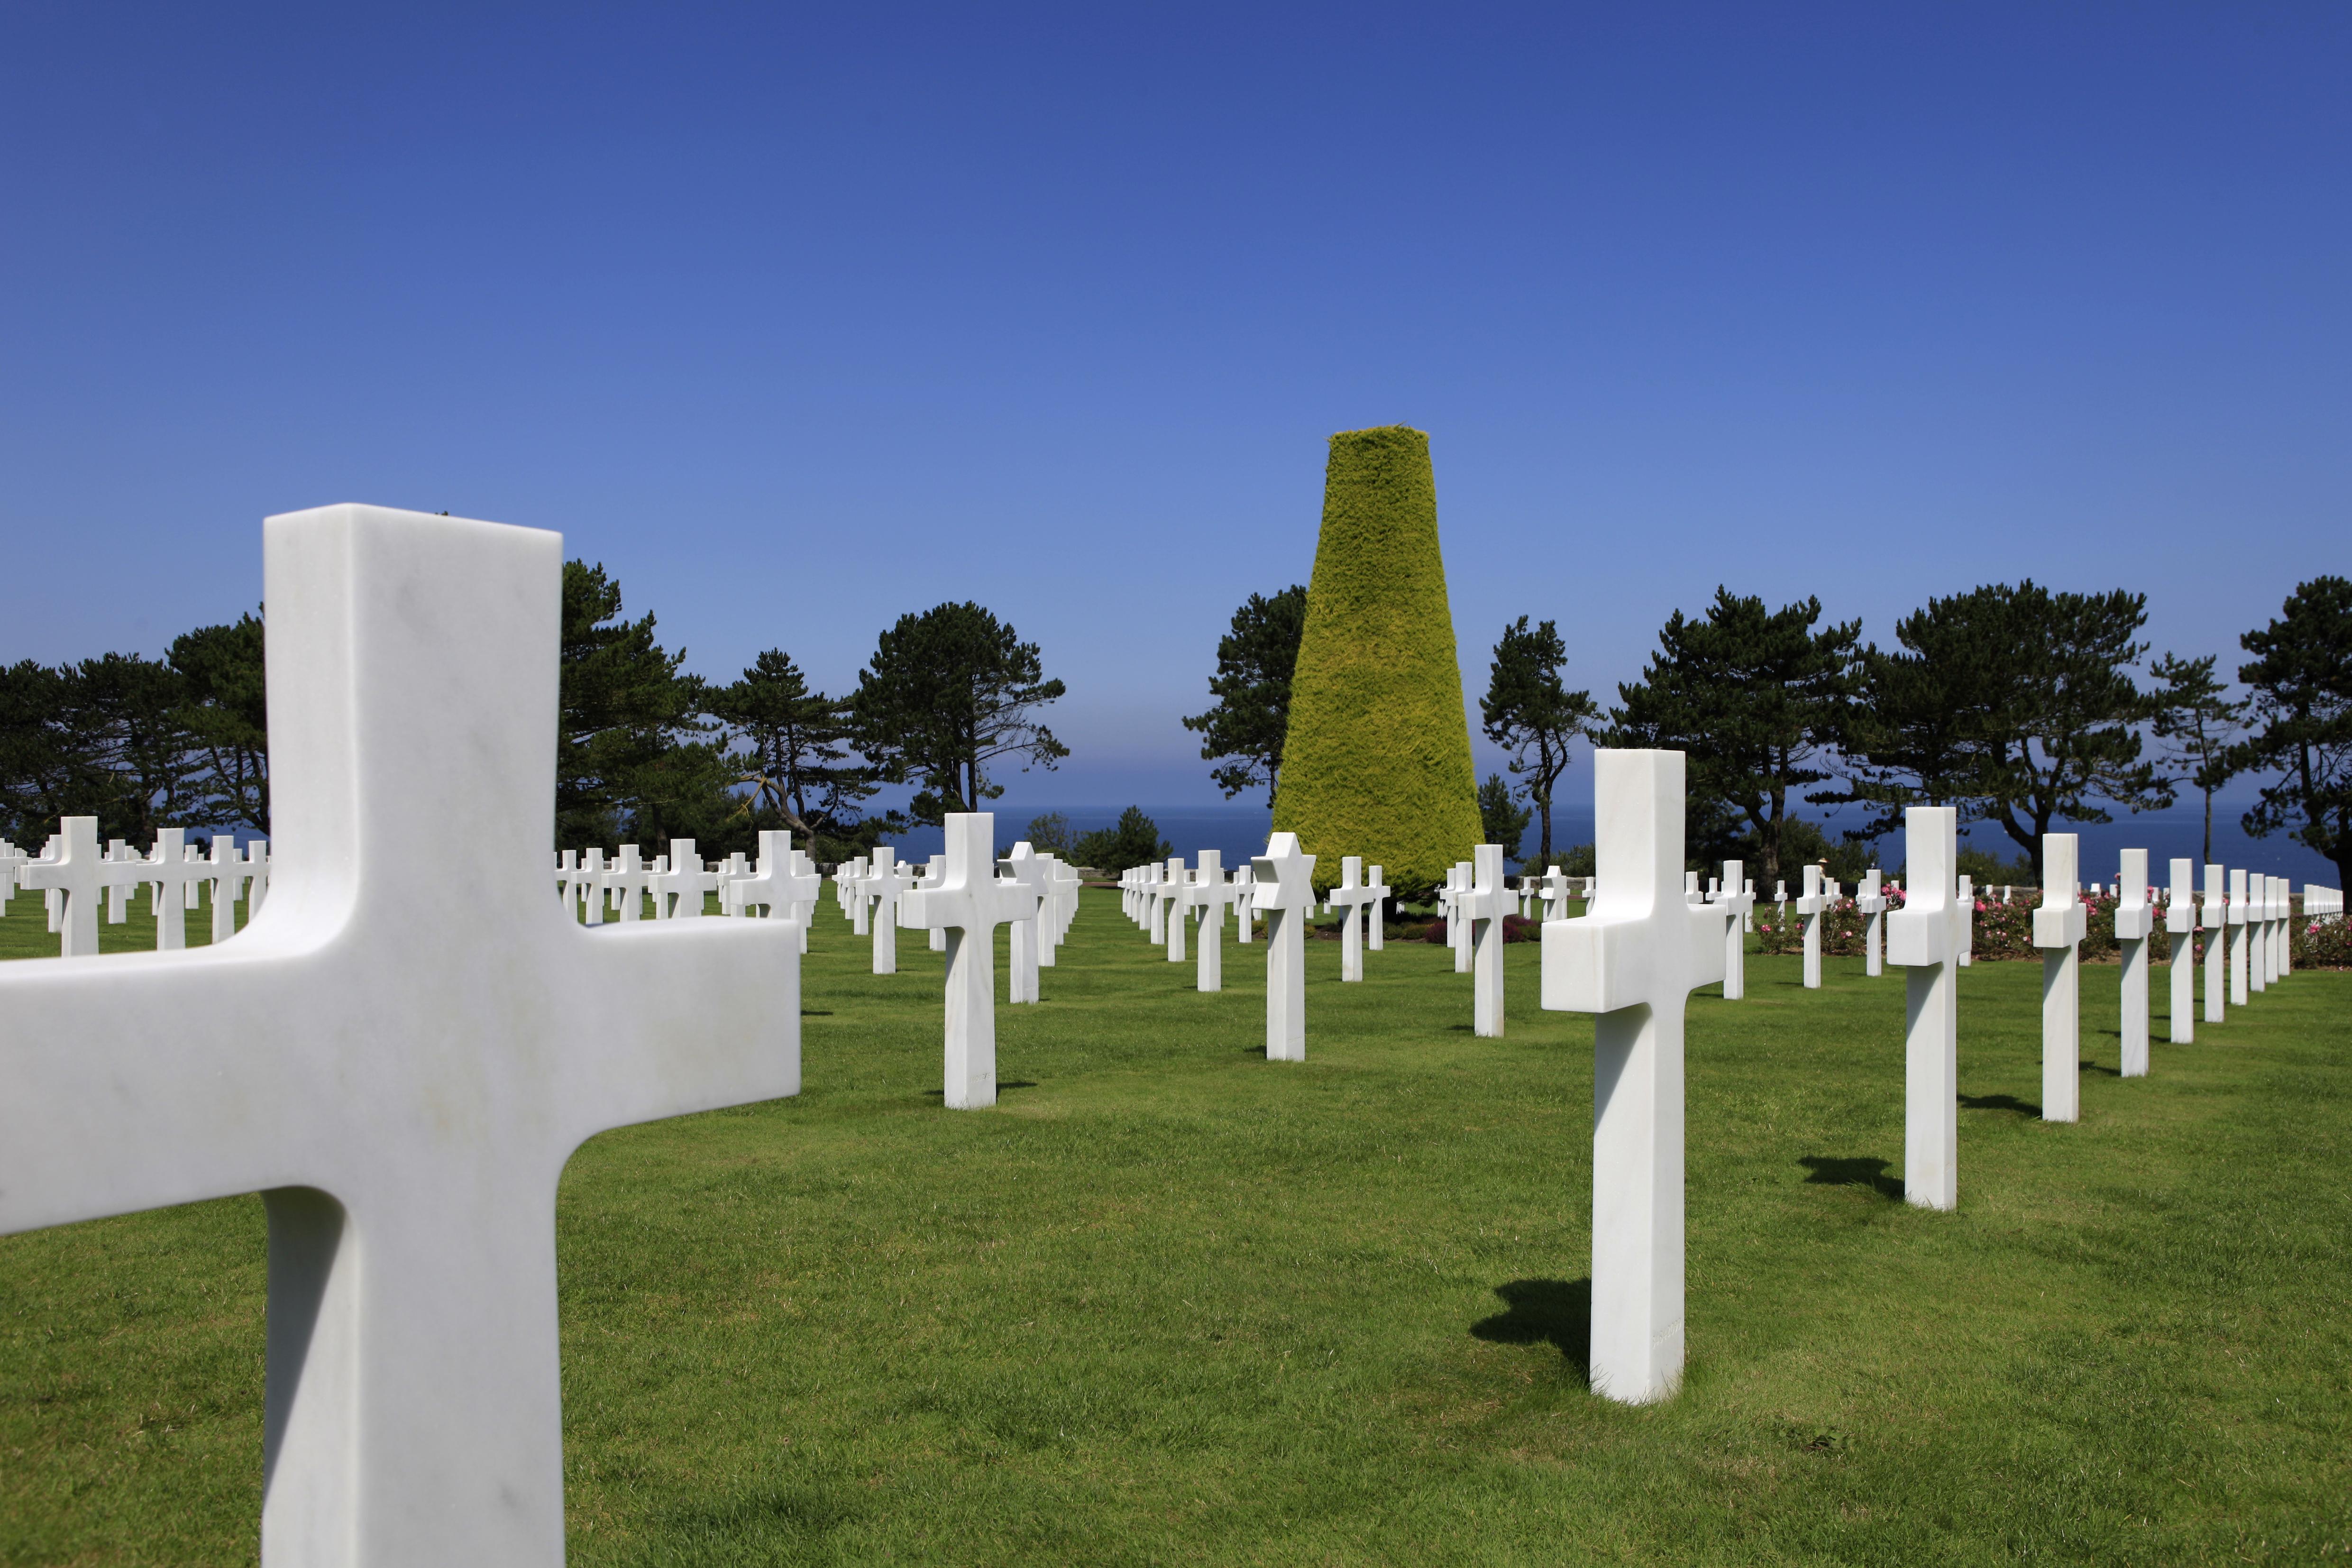 La sobrecogedora visita al cementerio americano de Colleville-sur-Mer - Francia Circuito Castillos del Loira y Normandía